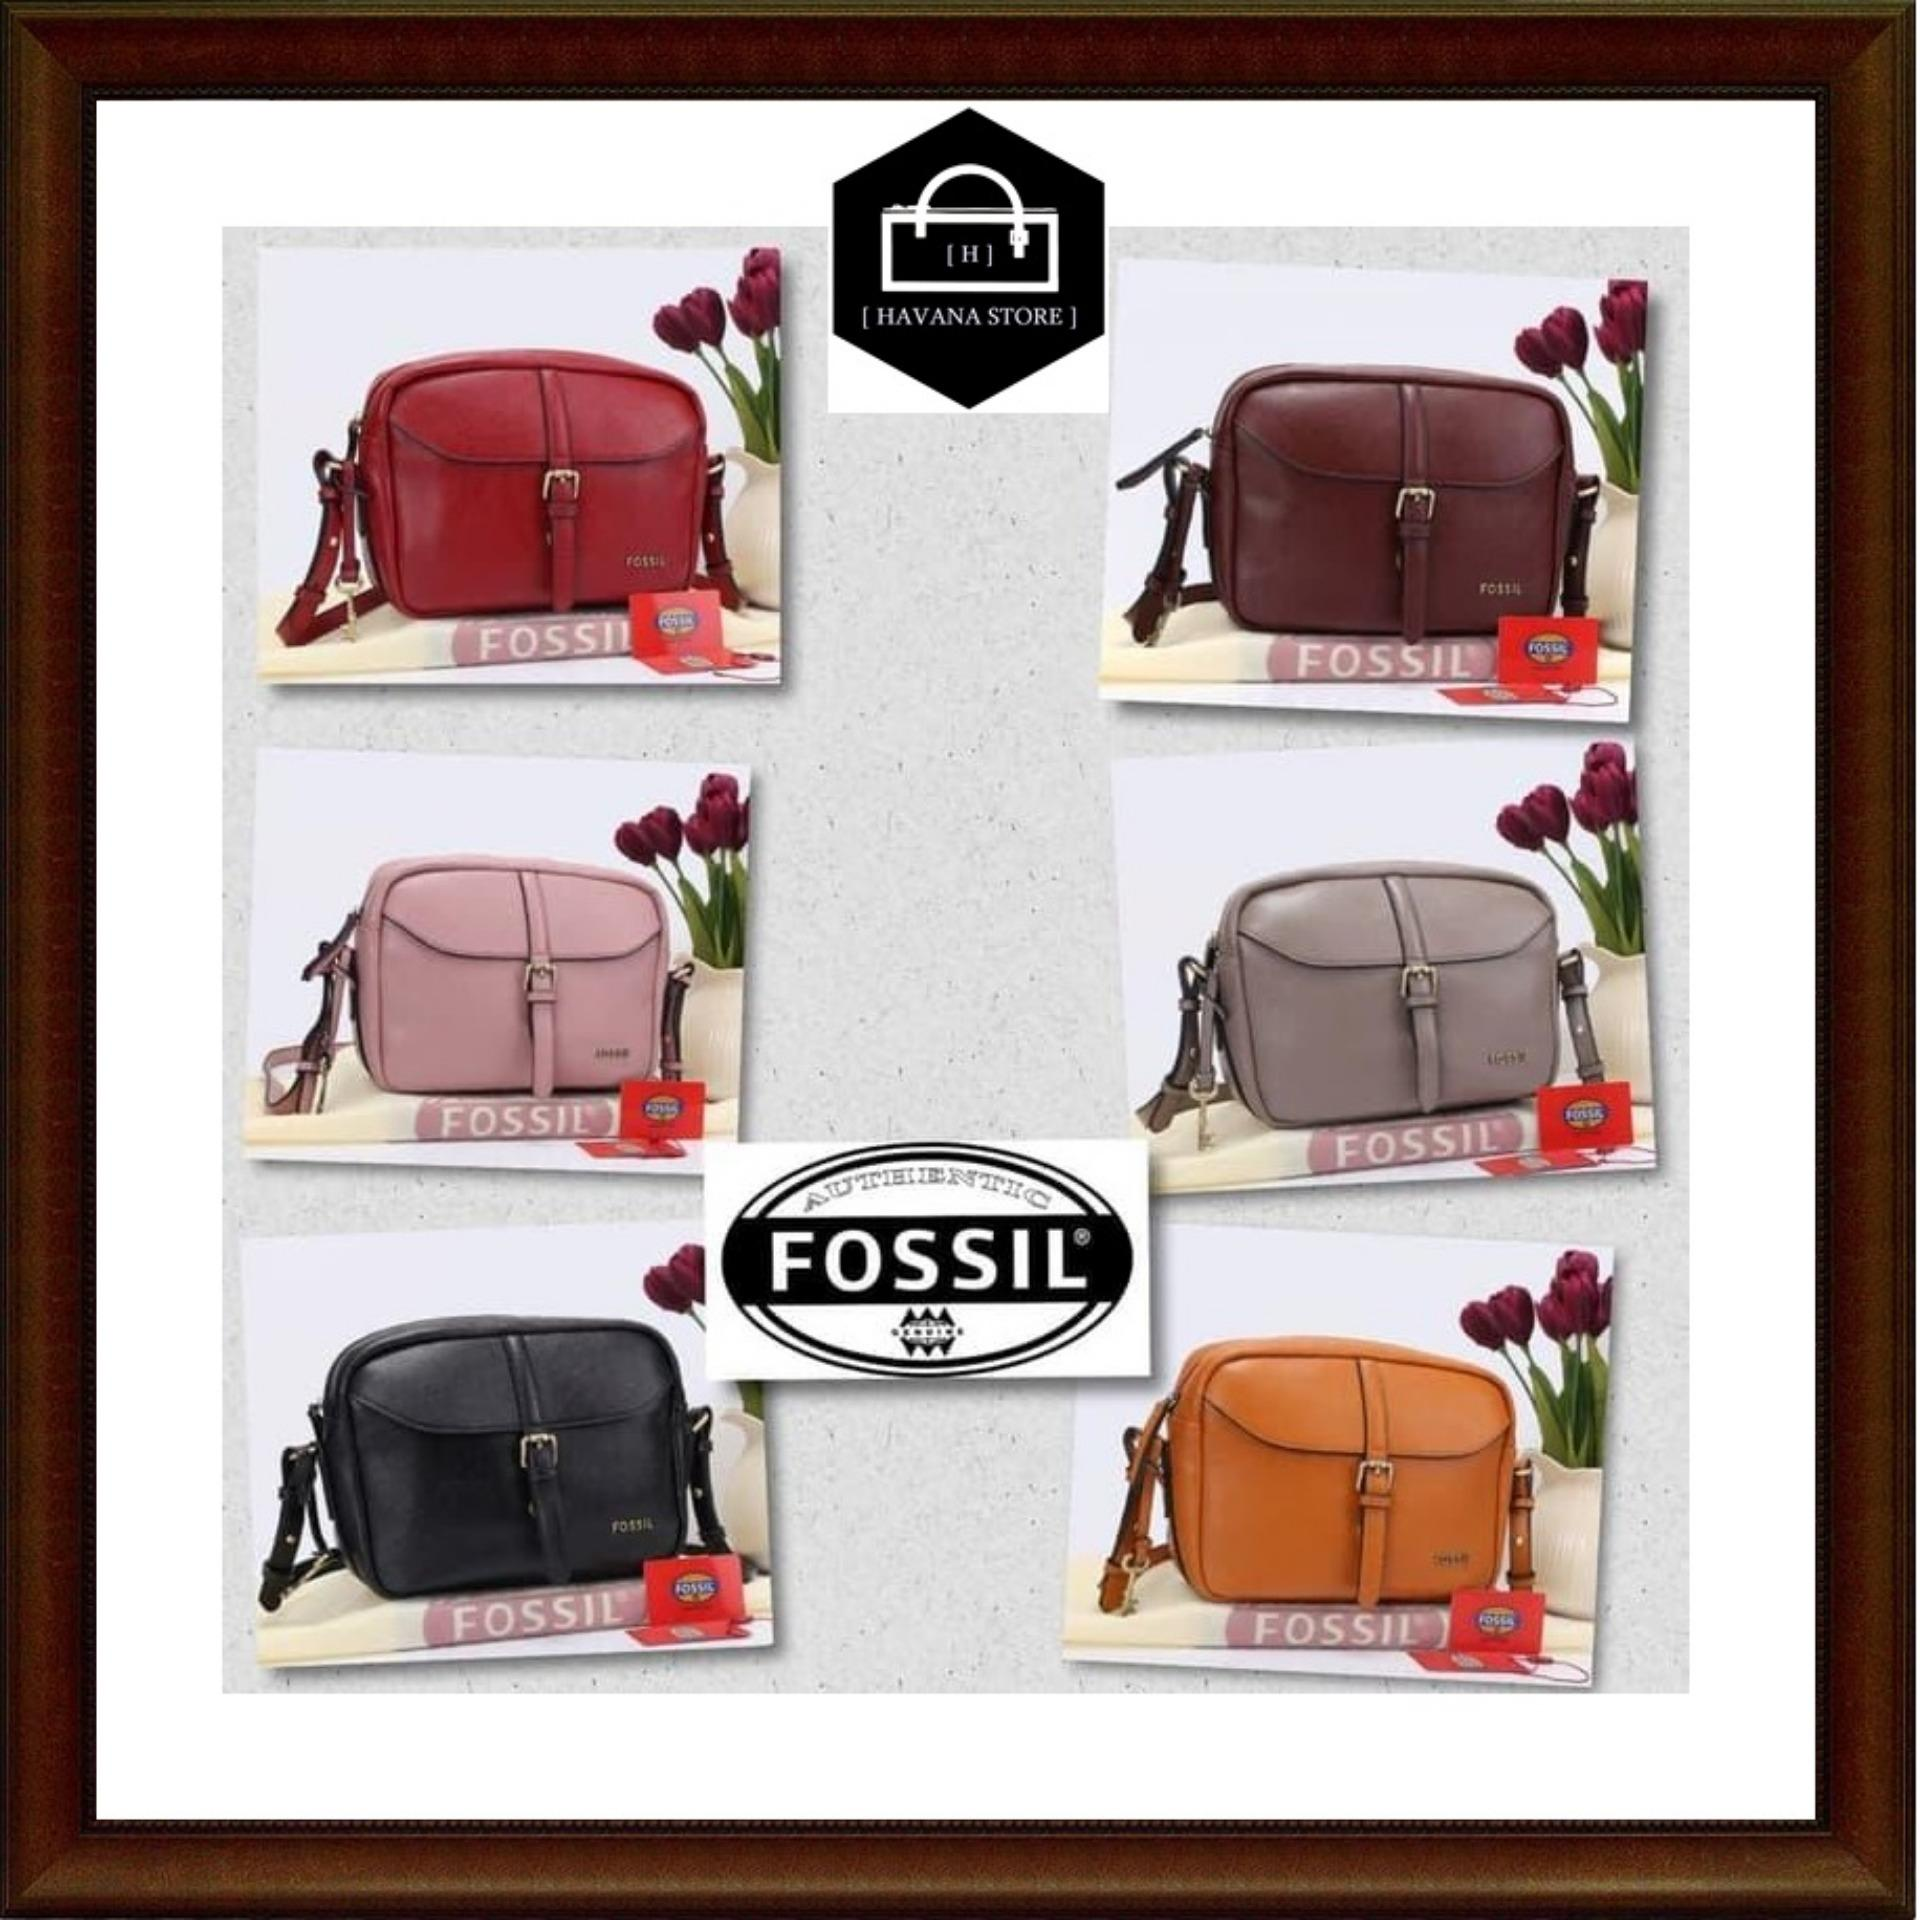 Fossil Kendall Satchel Multibrown Zb7151249 Coklat Daftar Update Tas Crossbody Togo Leather Semprem 676 Bag Branded